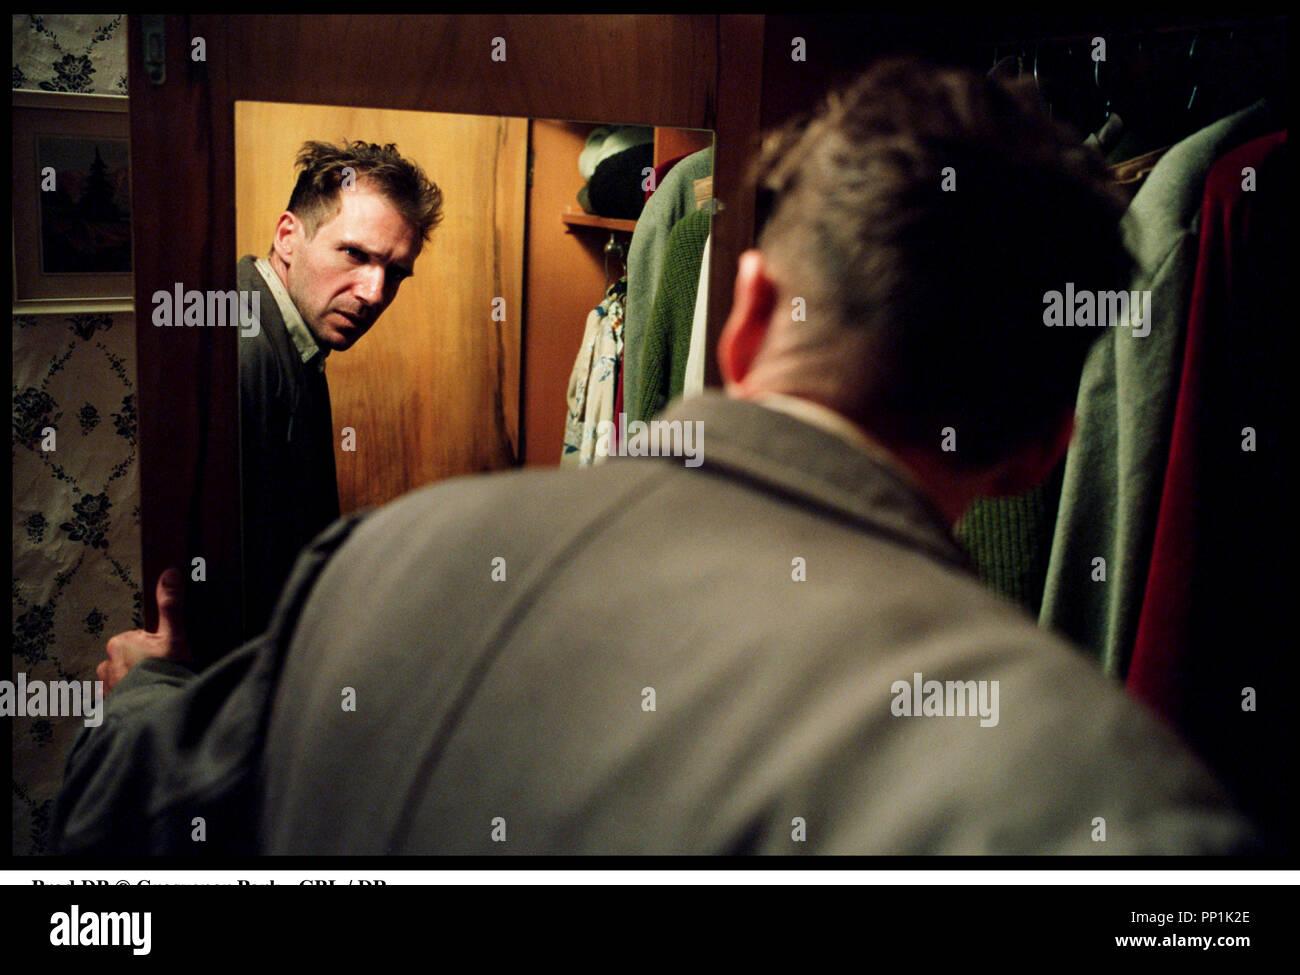 Prod DB © Grosvenor Park - CBL / DR SPIDER (SPIDER) de David Cronenberg 2002 USA avec Ralph Fiennes miroir, fou d'apres le roman de Patrick McGrath - Stock Image